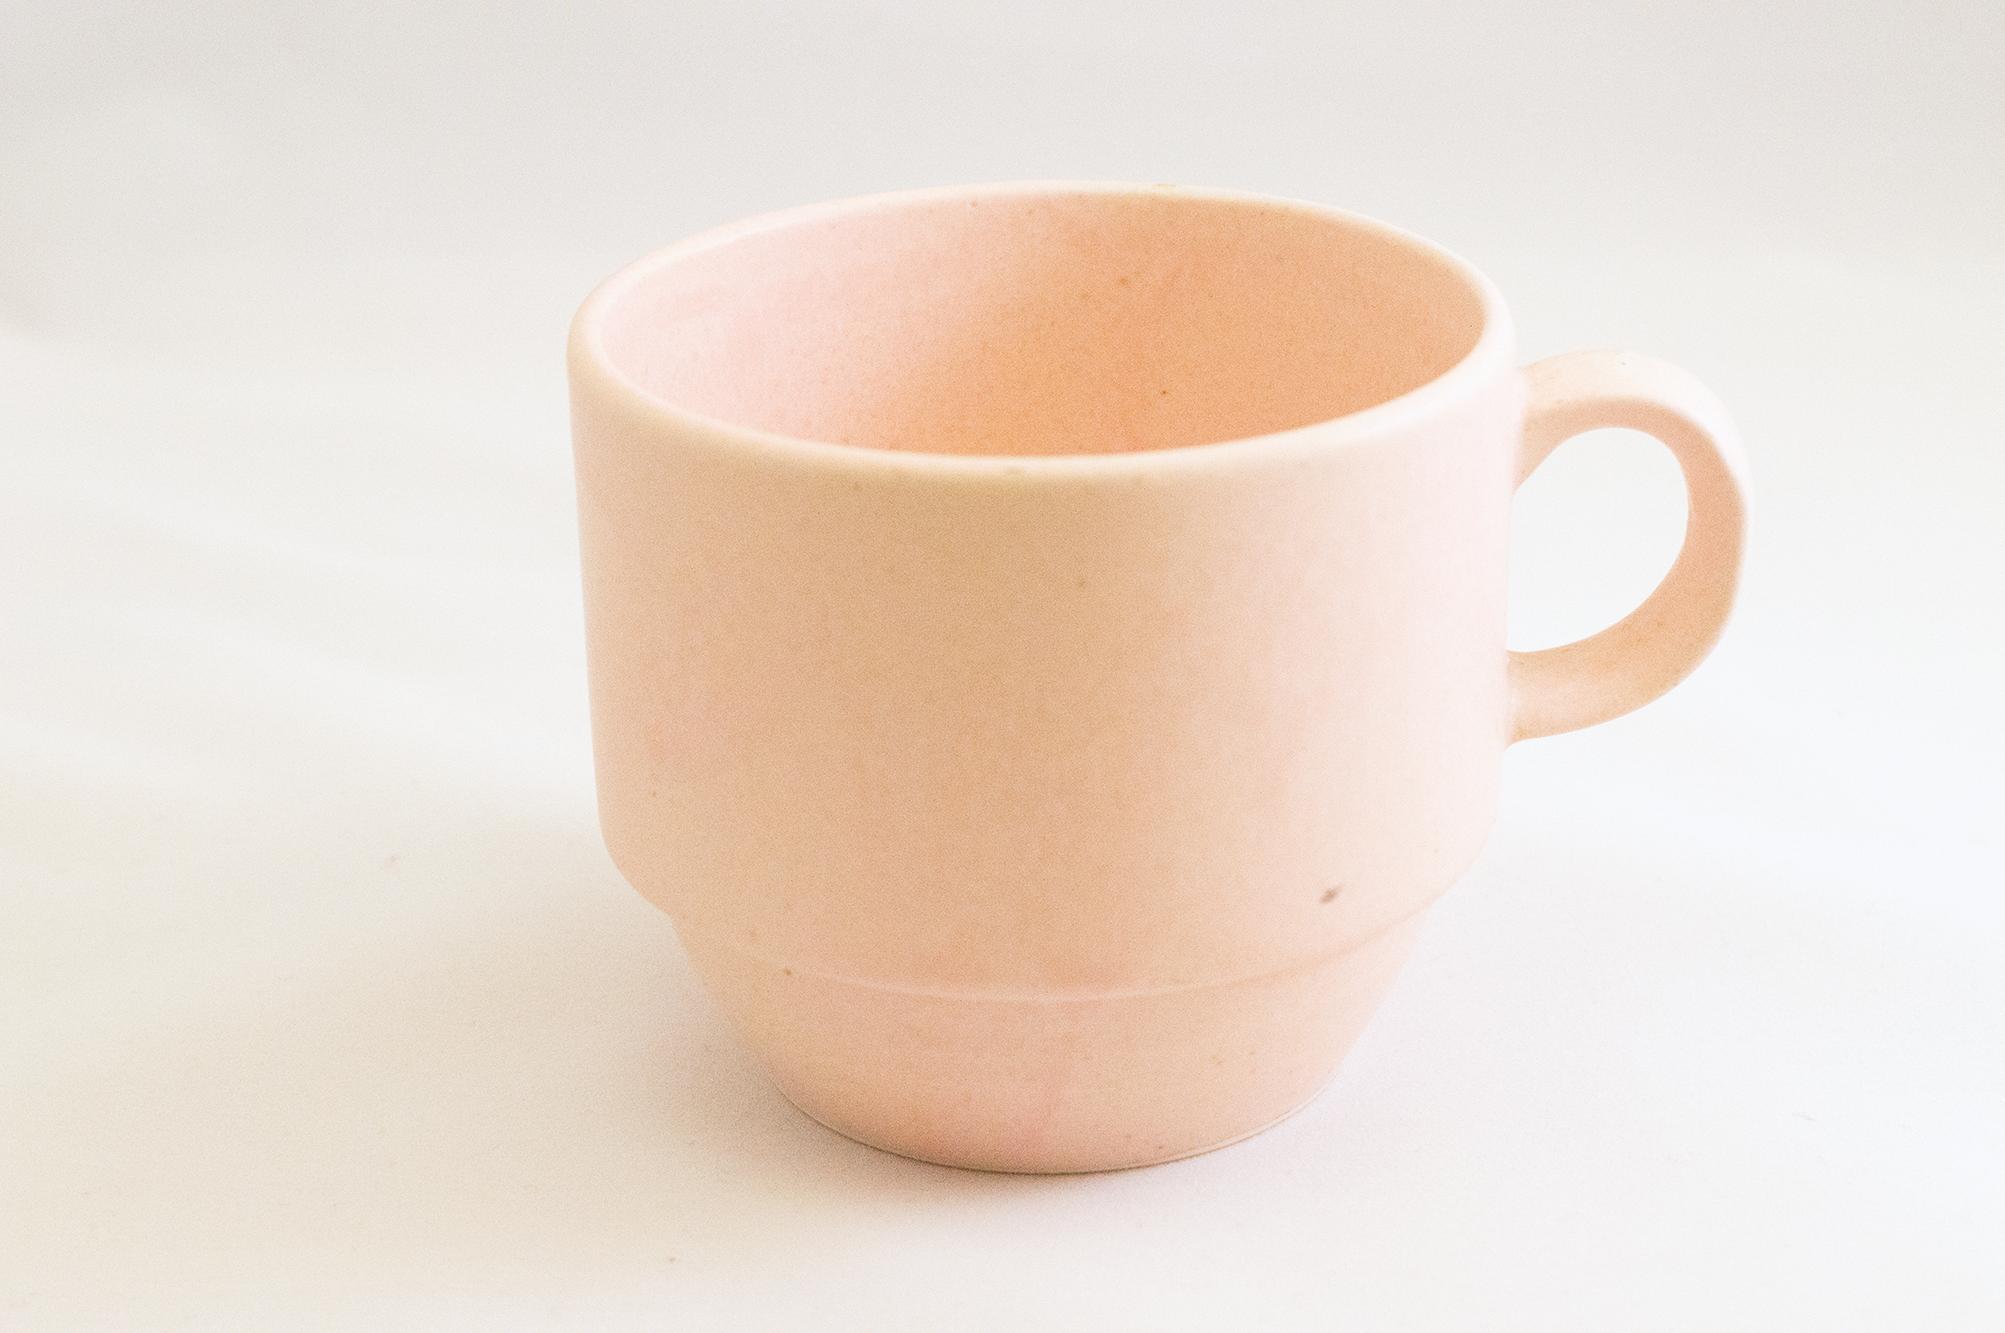 プーロ・ウノ,マグカップ,ピンク